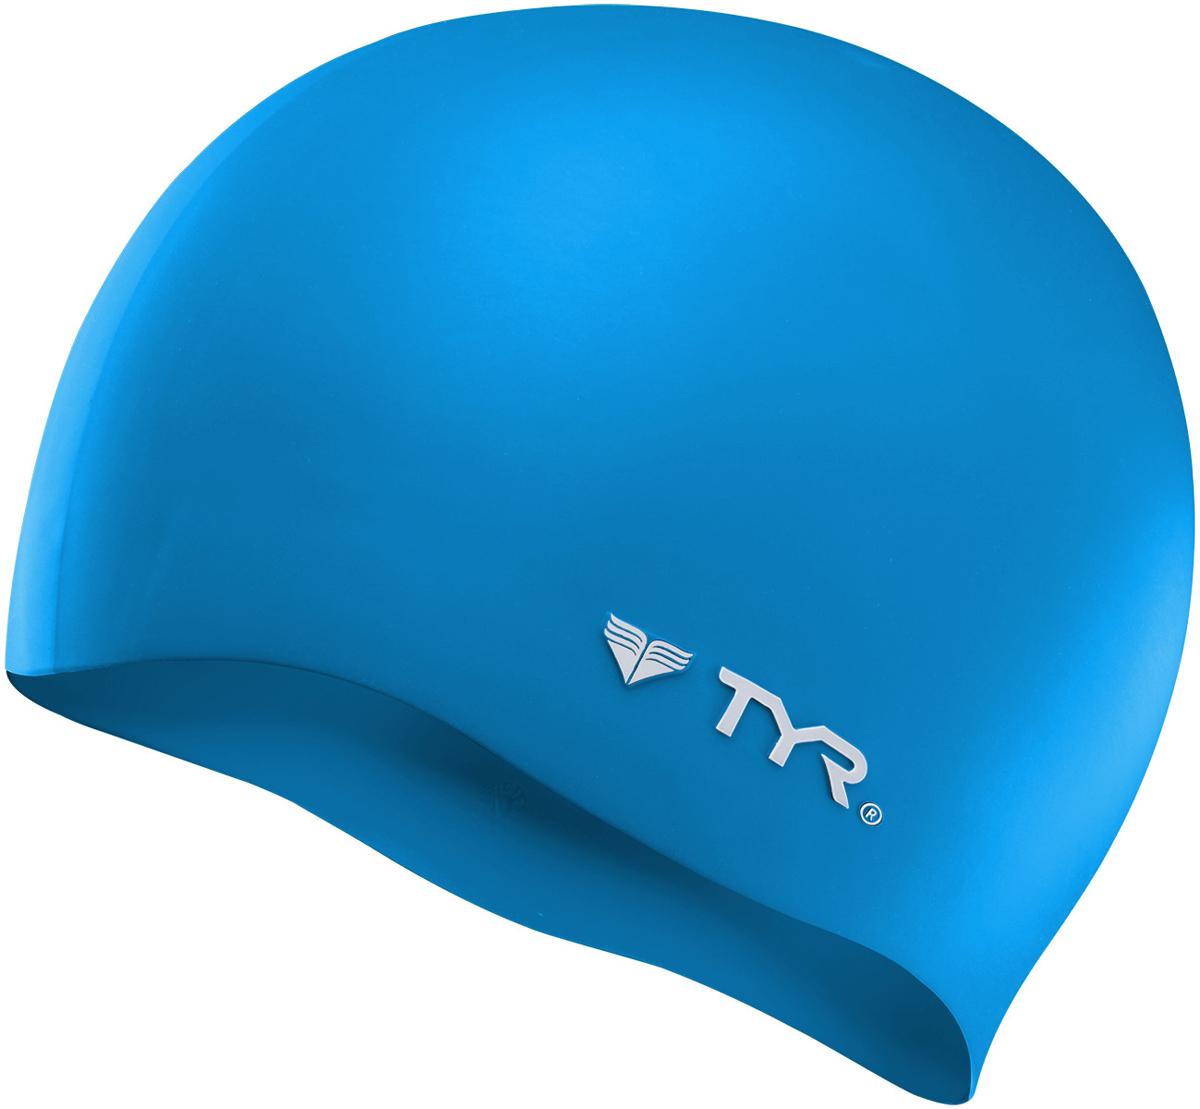 Силиконовая шапочка TYR Wrinkle Free – изготовлена из высококачественного материала устойчивого к воздействию хлорированной воды, что гарантирует долгий срок службы. Материал шапочки не вызывает раздражения кожи и других аллергических реакций. Прекрасный вариант для тренировок в бассейне.